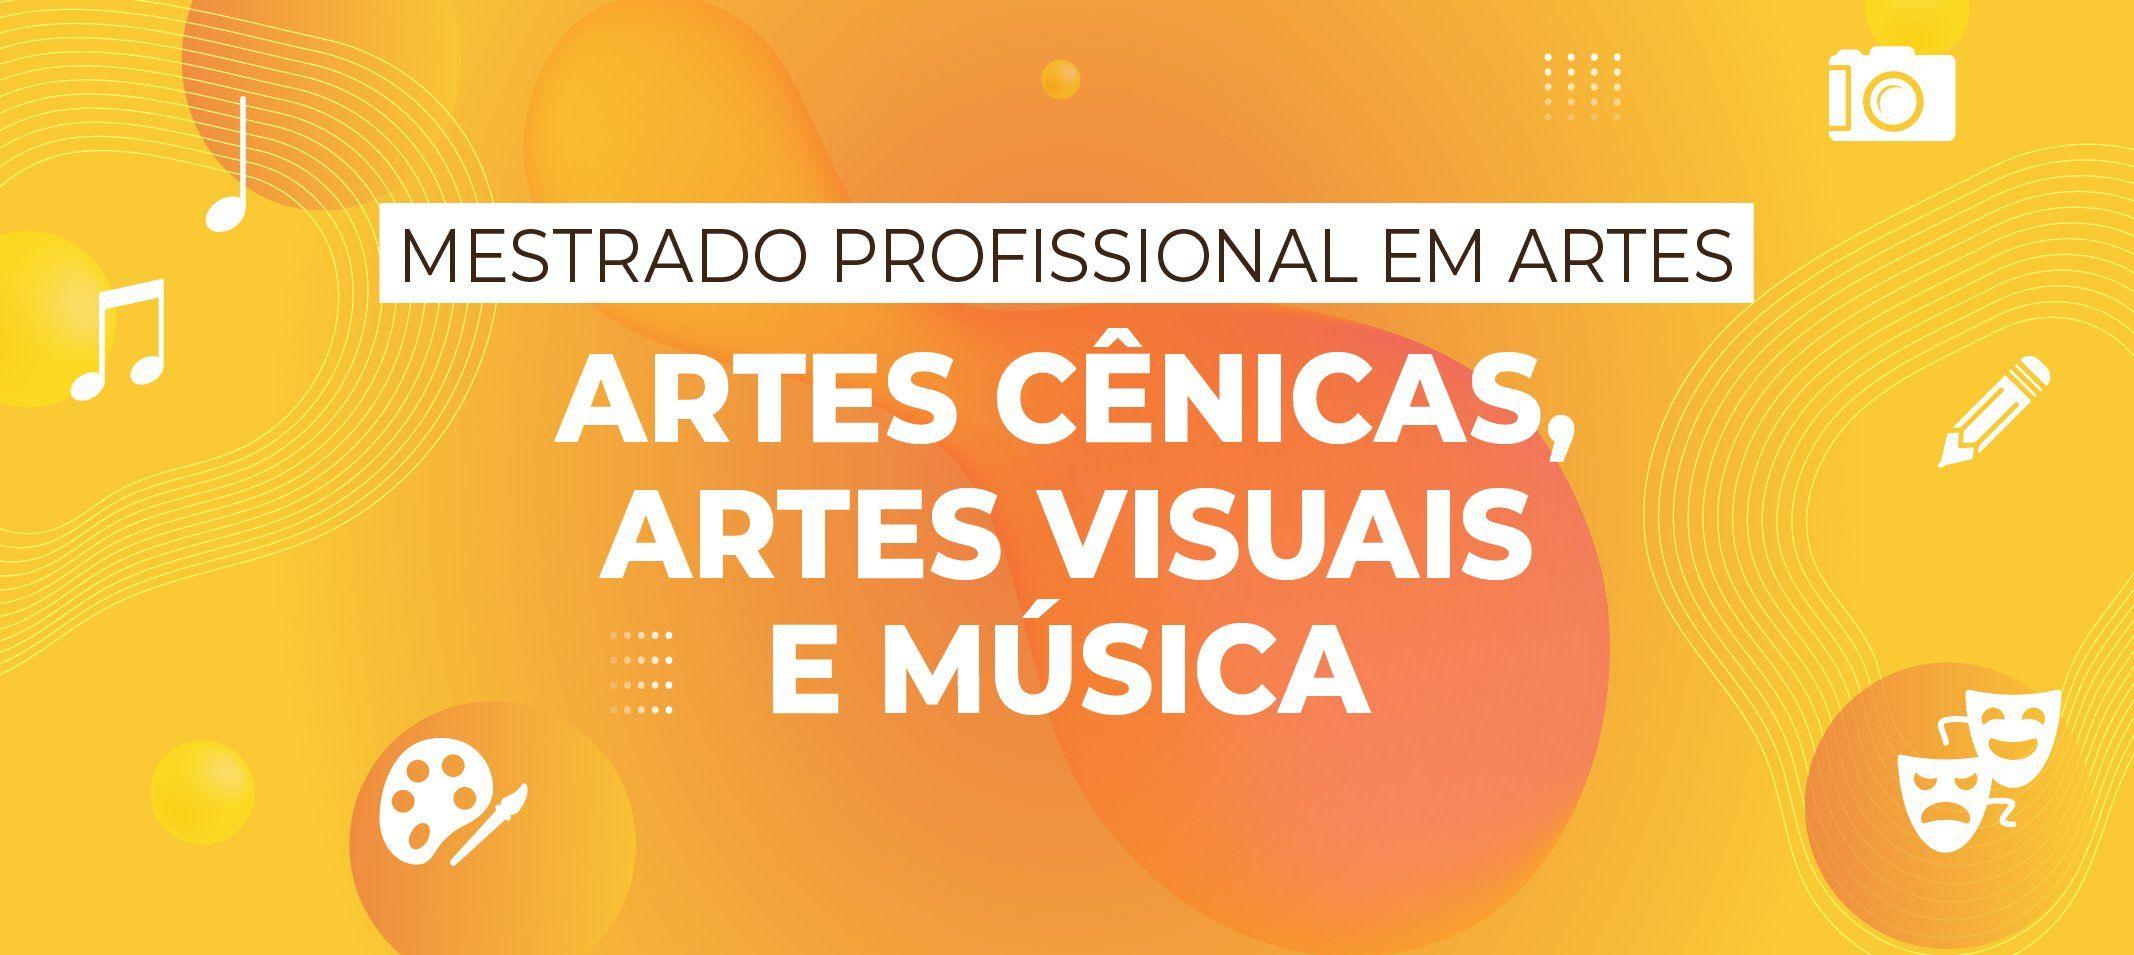 Mestrado Profissional em Artes (Profartes) abre 37 vagas para o Amazonas